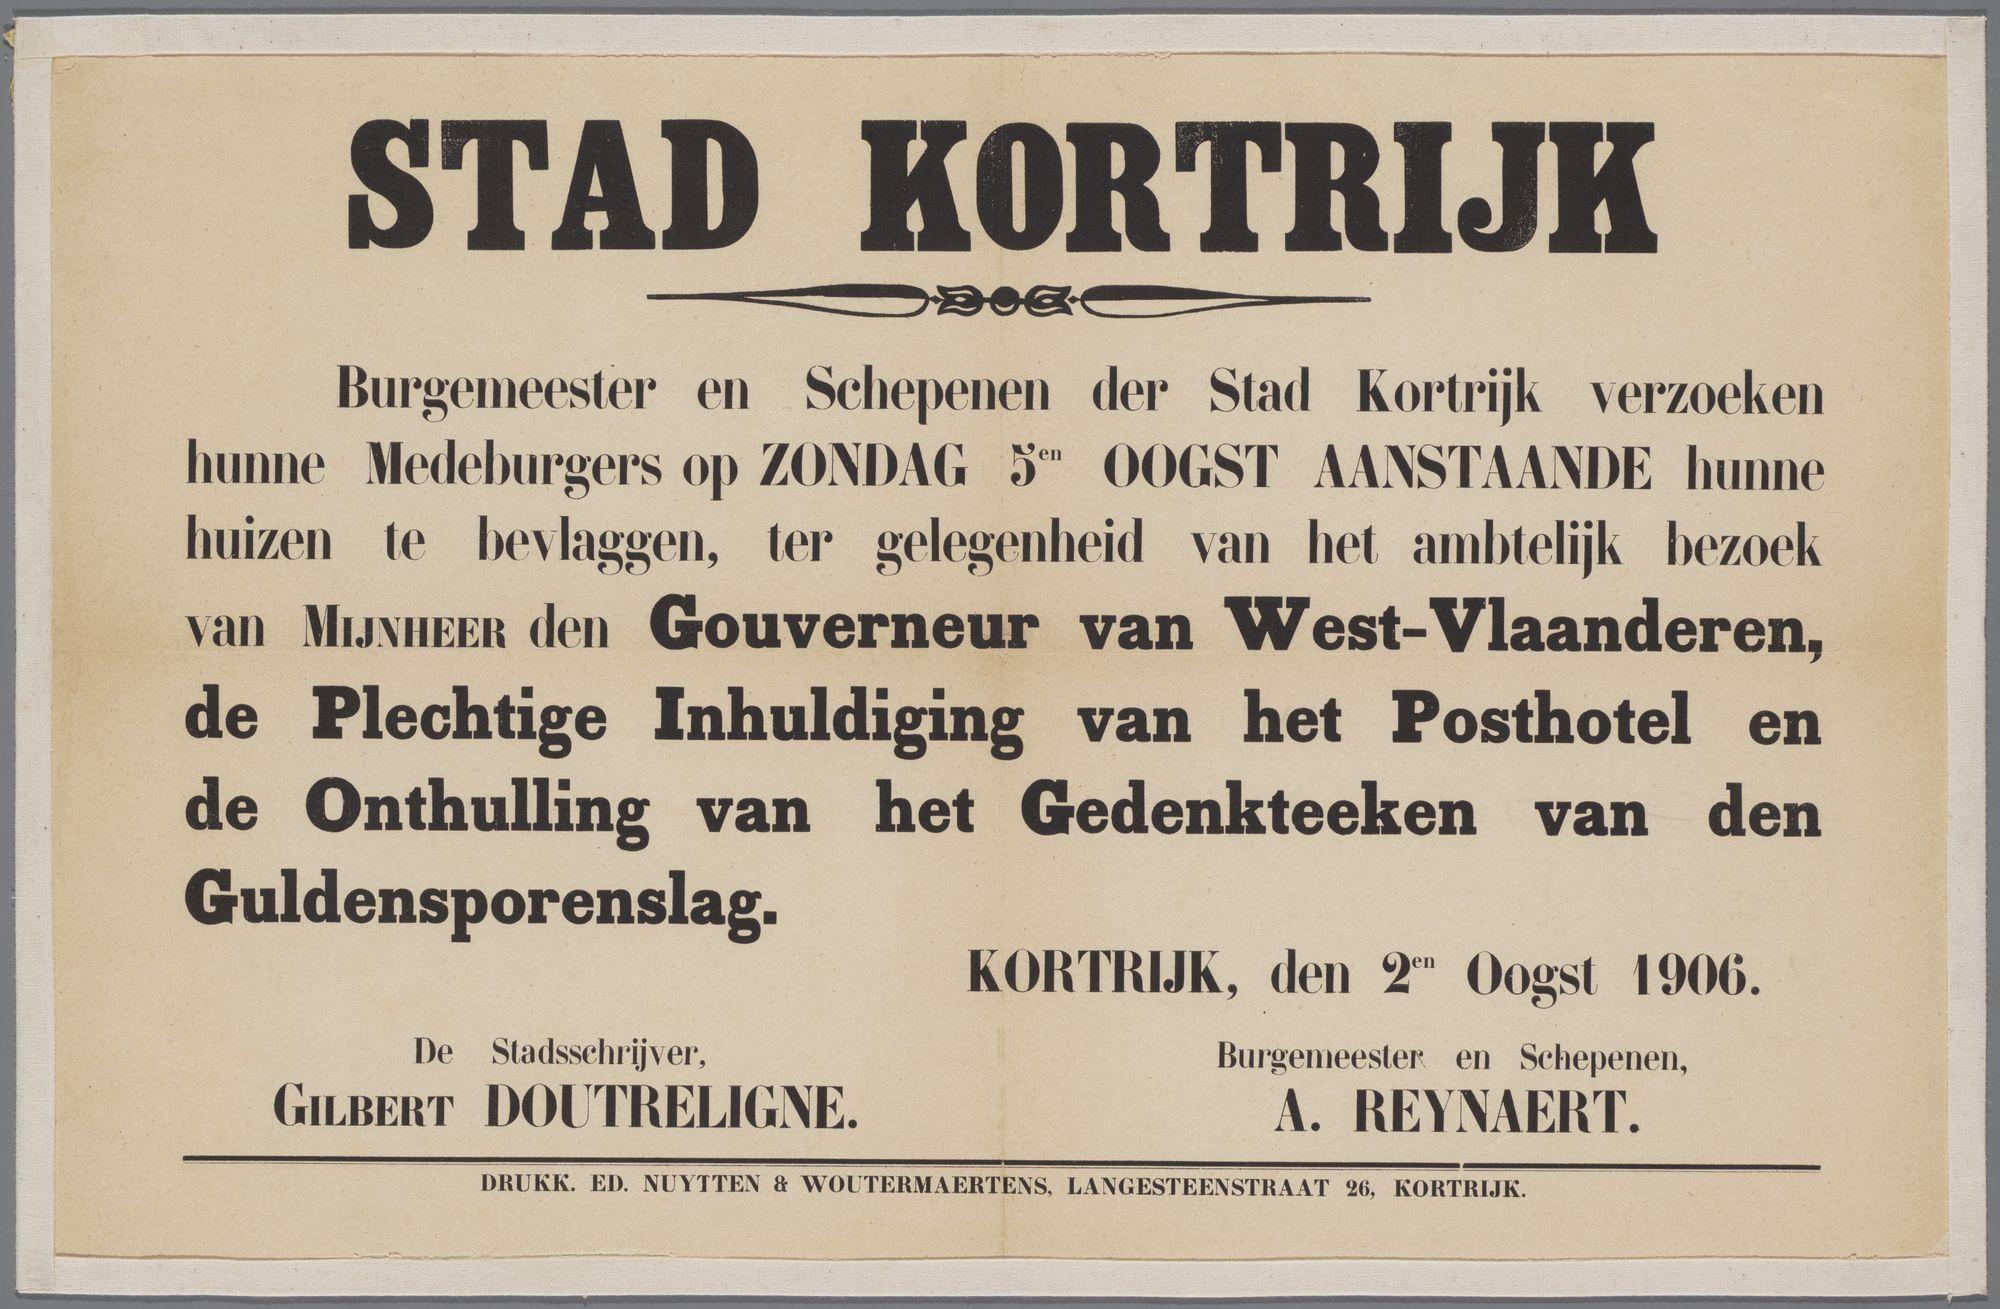 Oproep om de huizen te bevlaggen1906